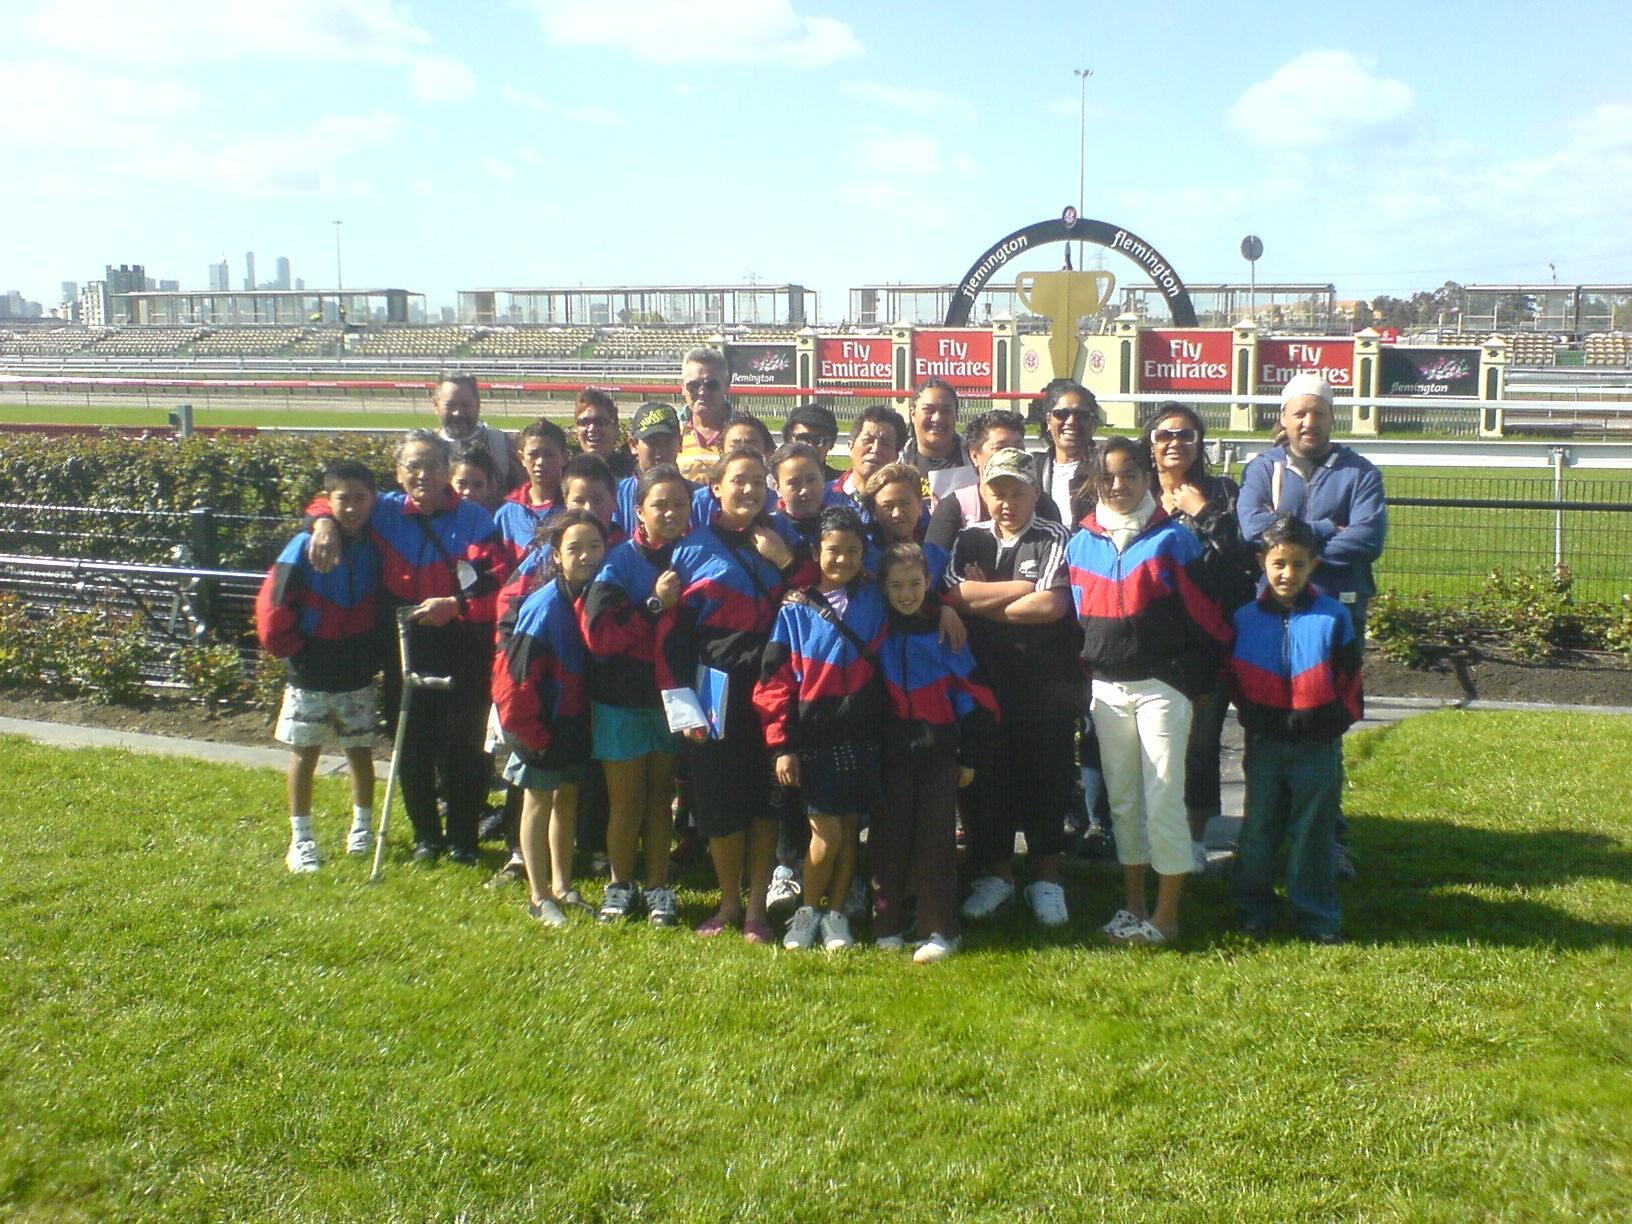 Flemington kiwi school group AugSepOct07.jpg